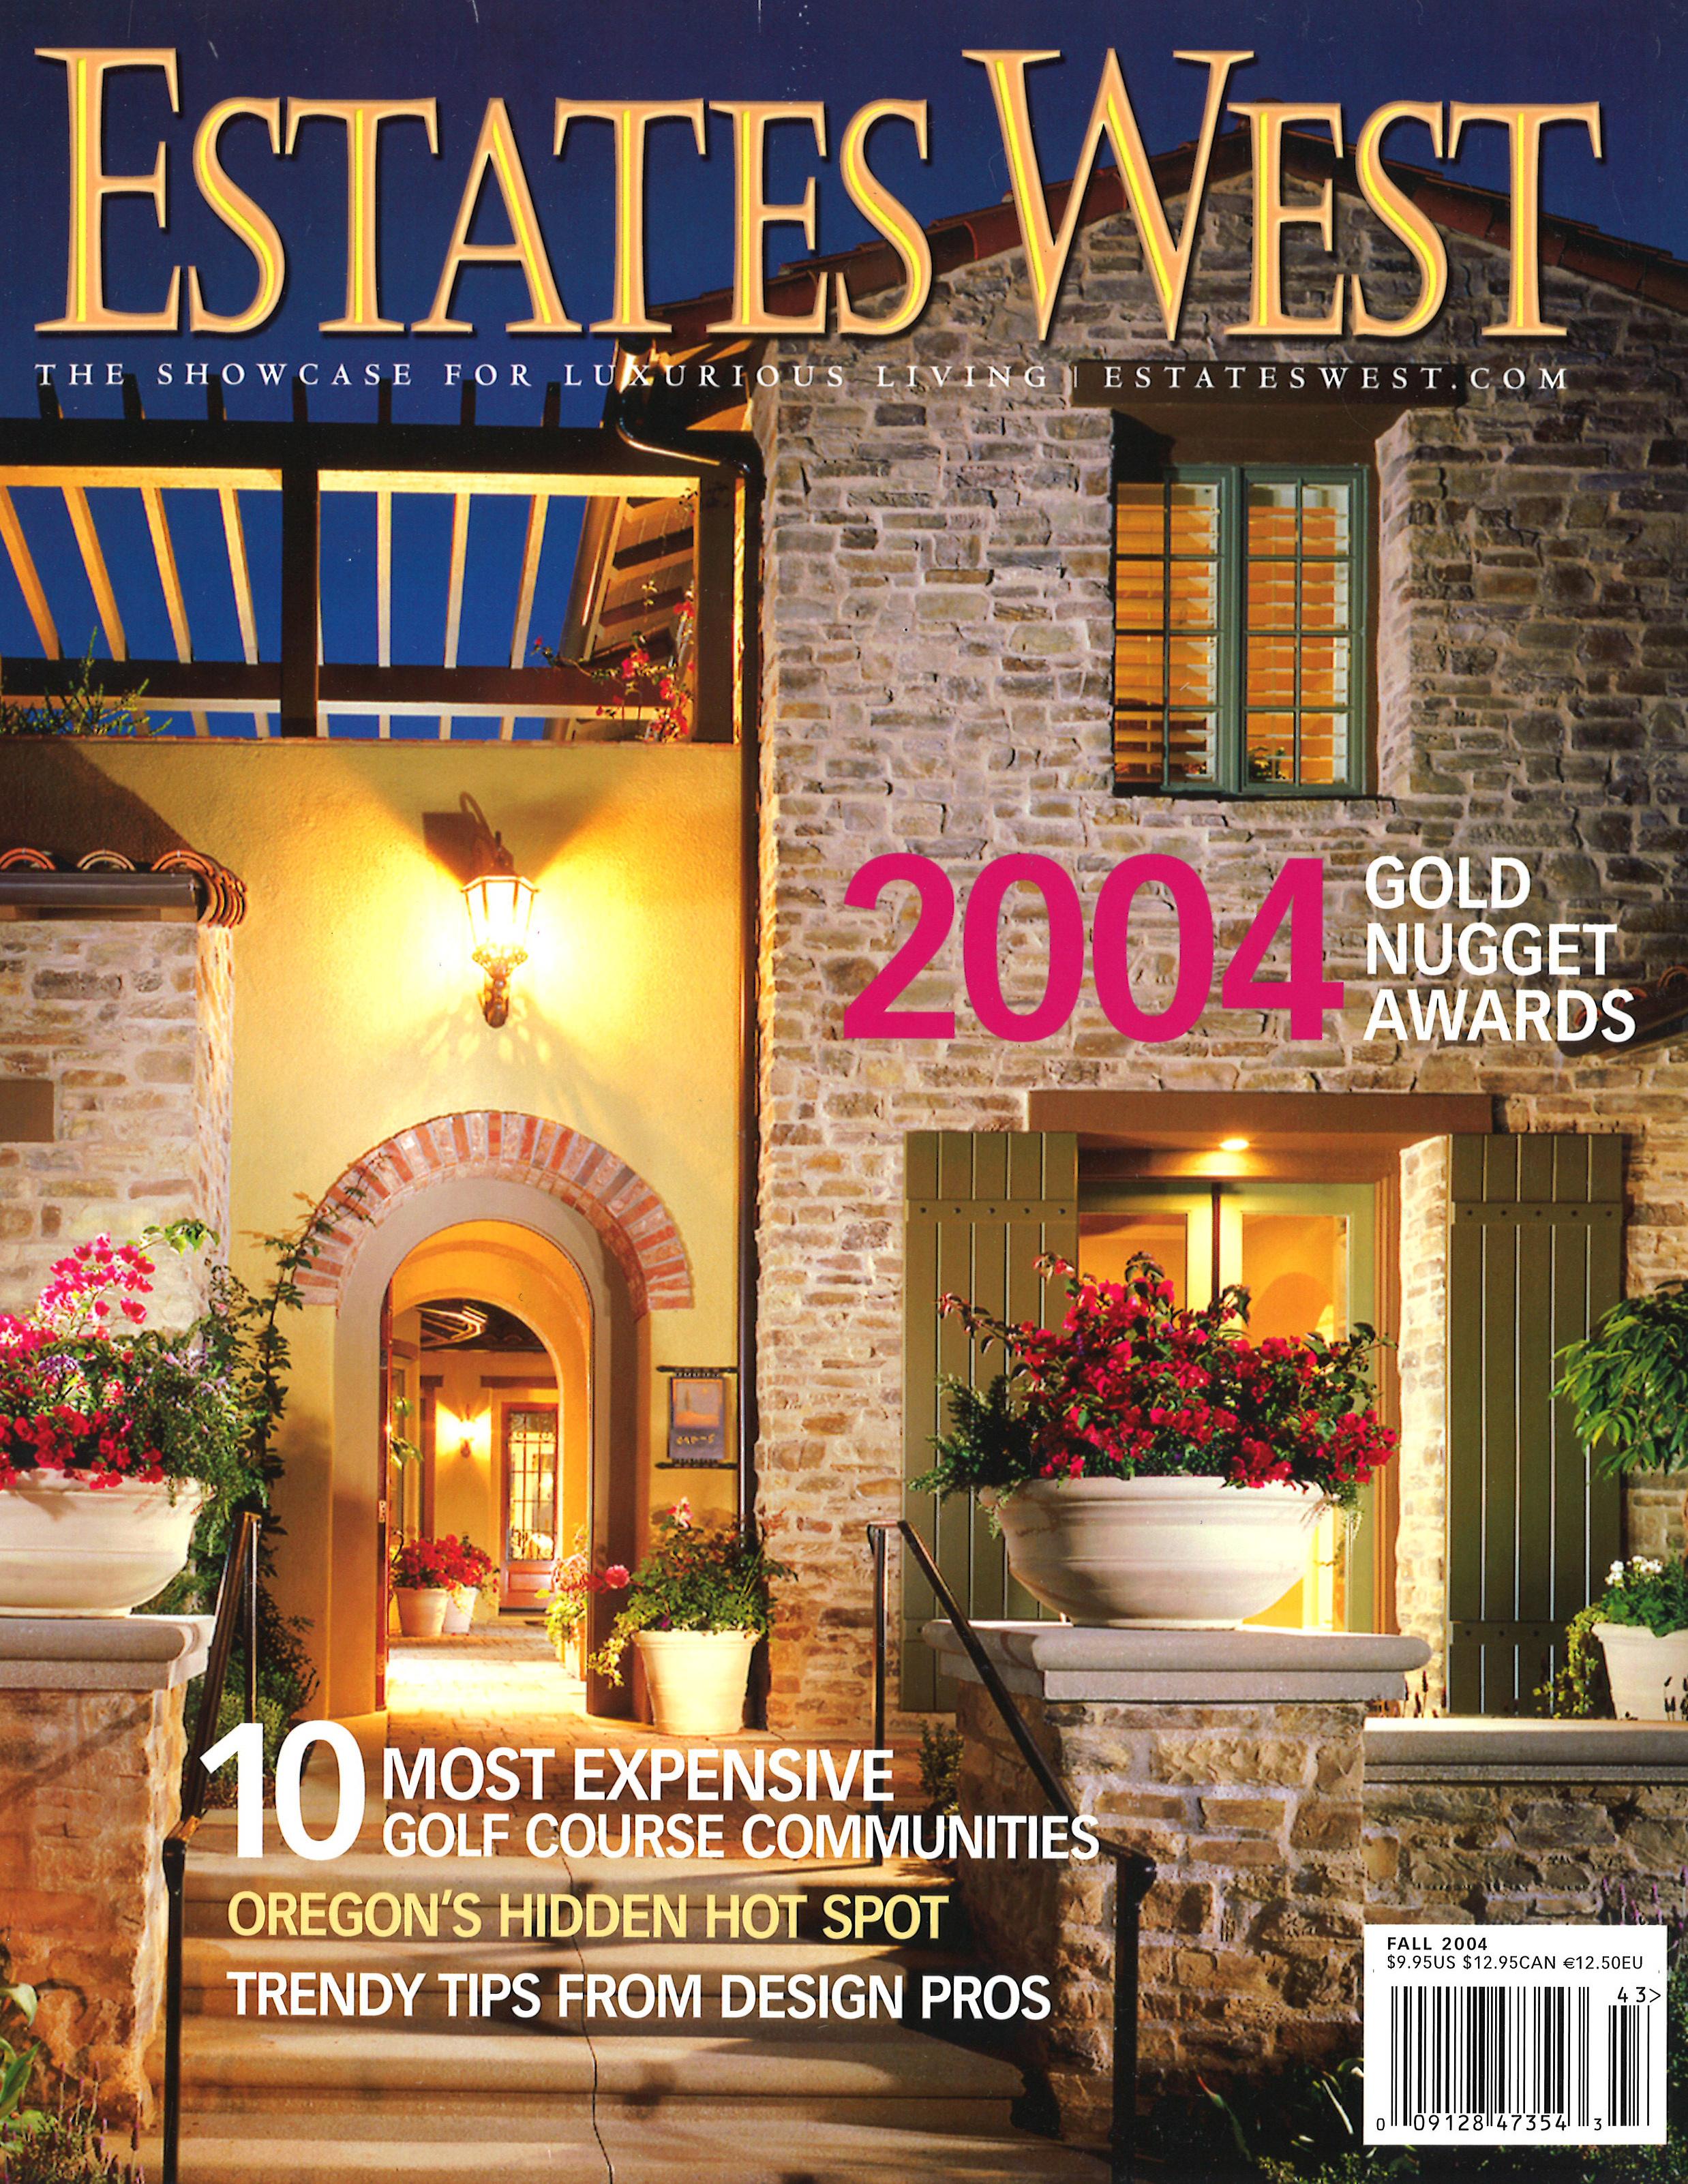 1-EW 2004 Cover.jpg